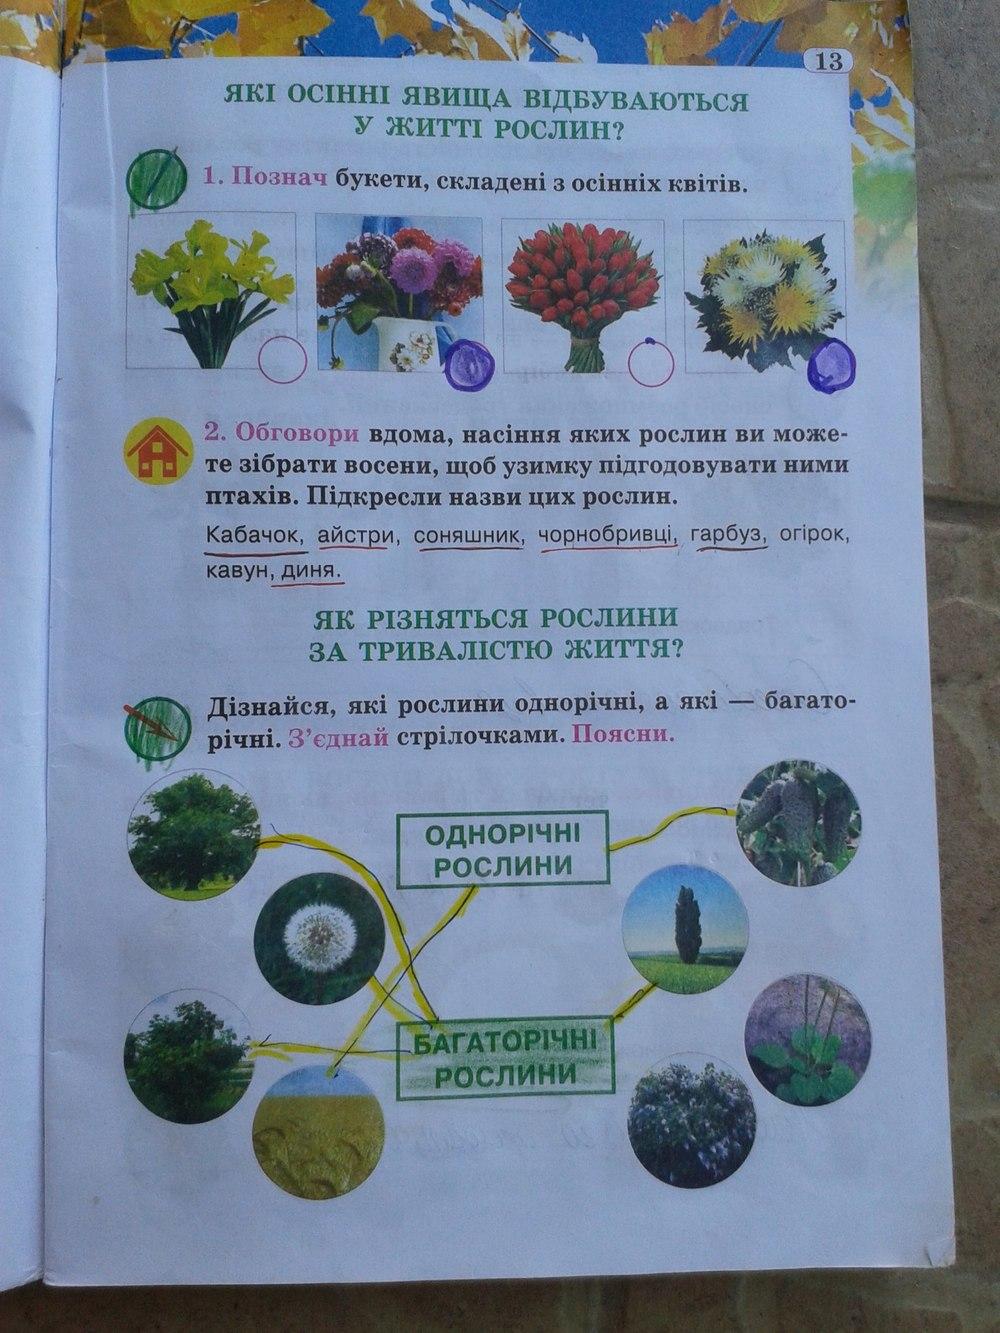 ГДЗ відповіді робочий зошит по биологии 2 класс И. Грущинська. Задание: стр. 13